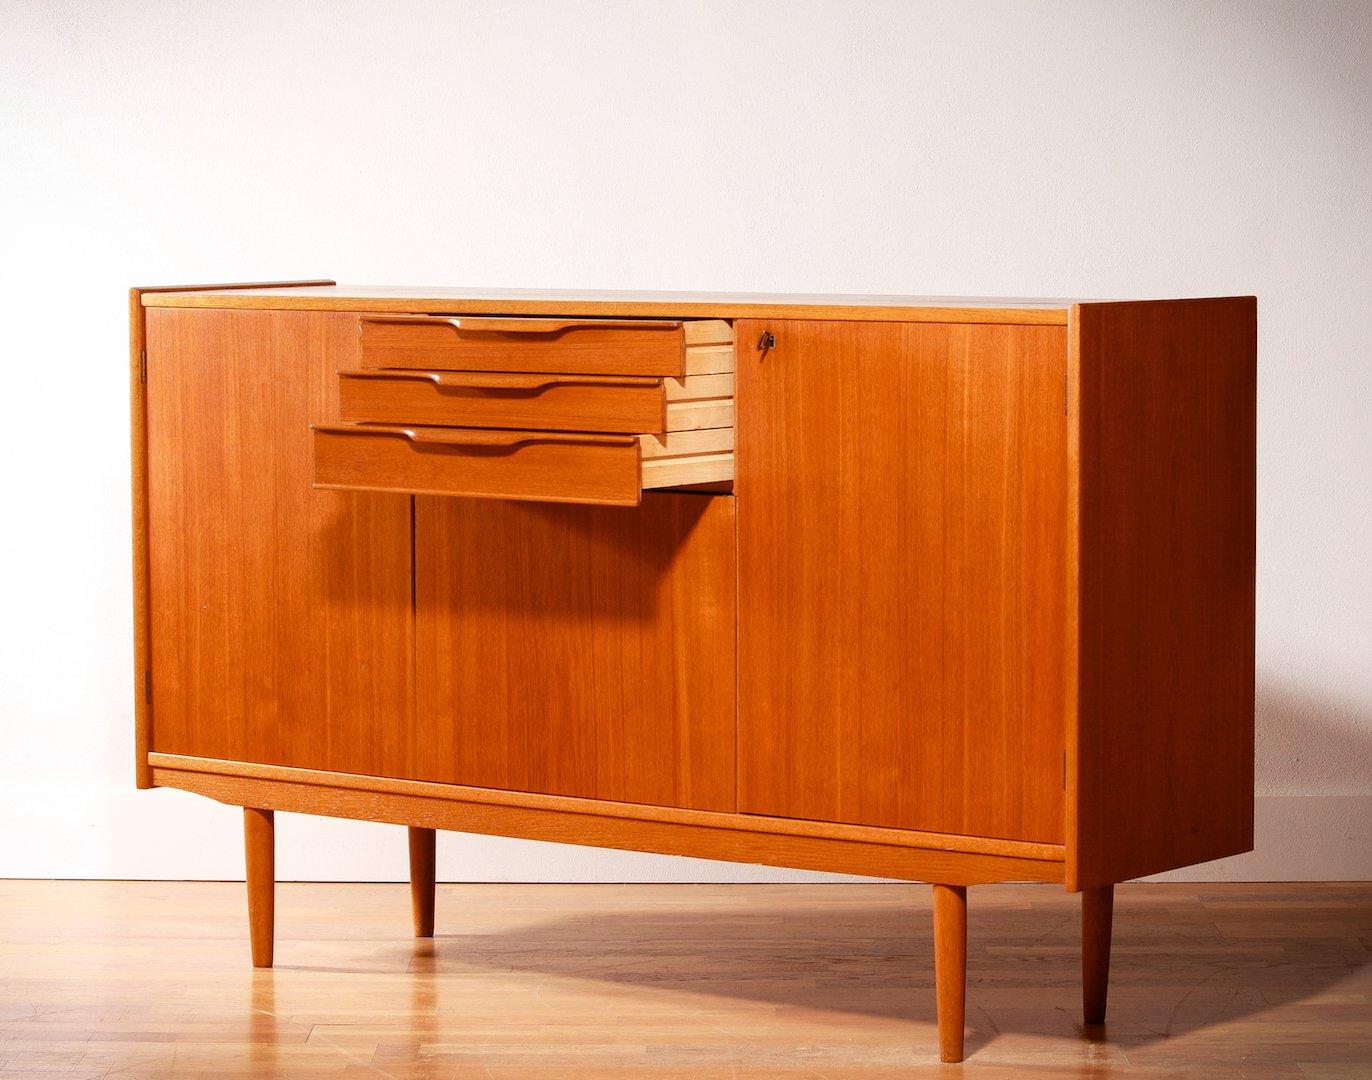 schwedisches teak sideboard mit drei schubladen 1950er. Black Bedroom Furniture Sets. Home Design Ideas